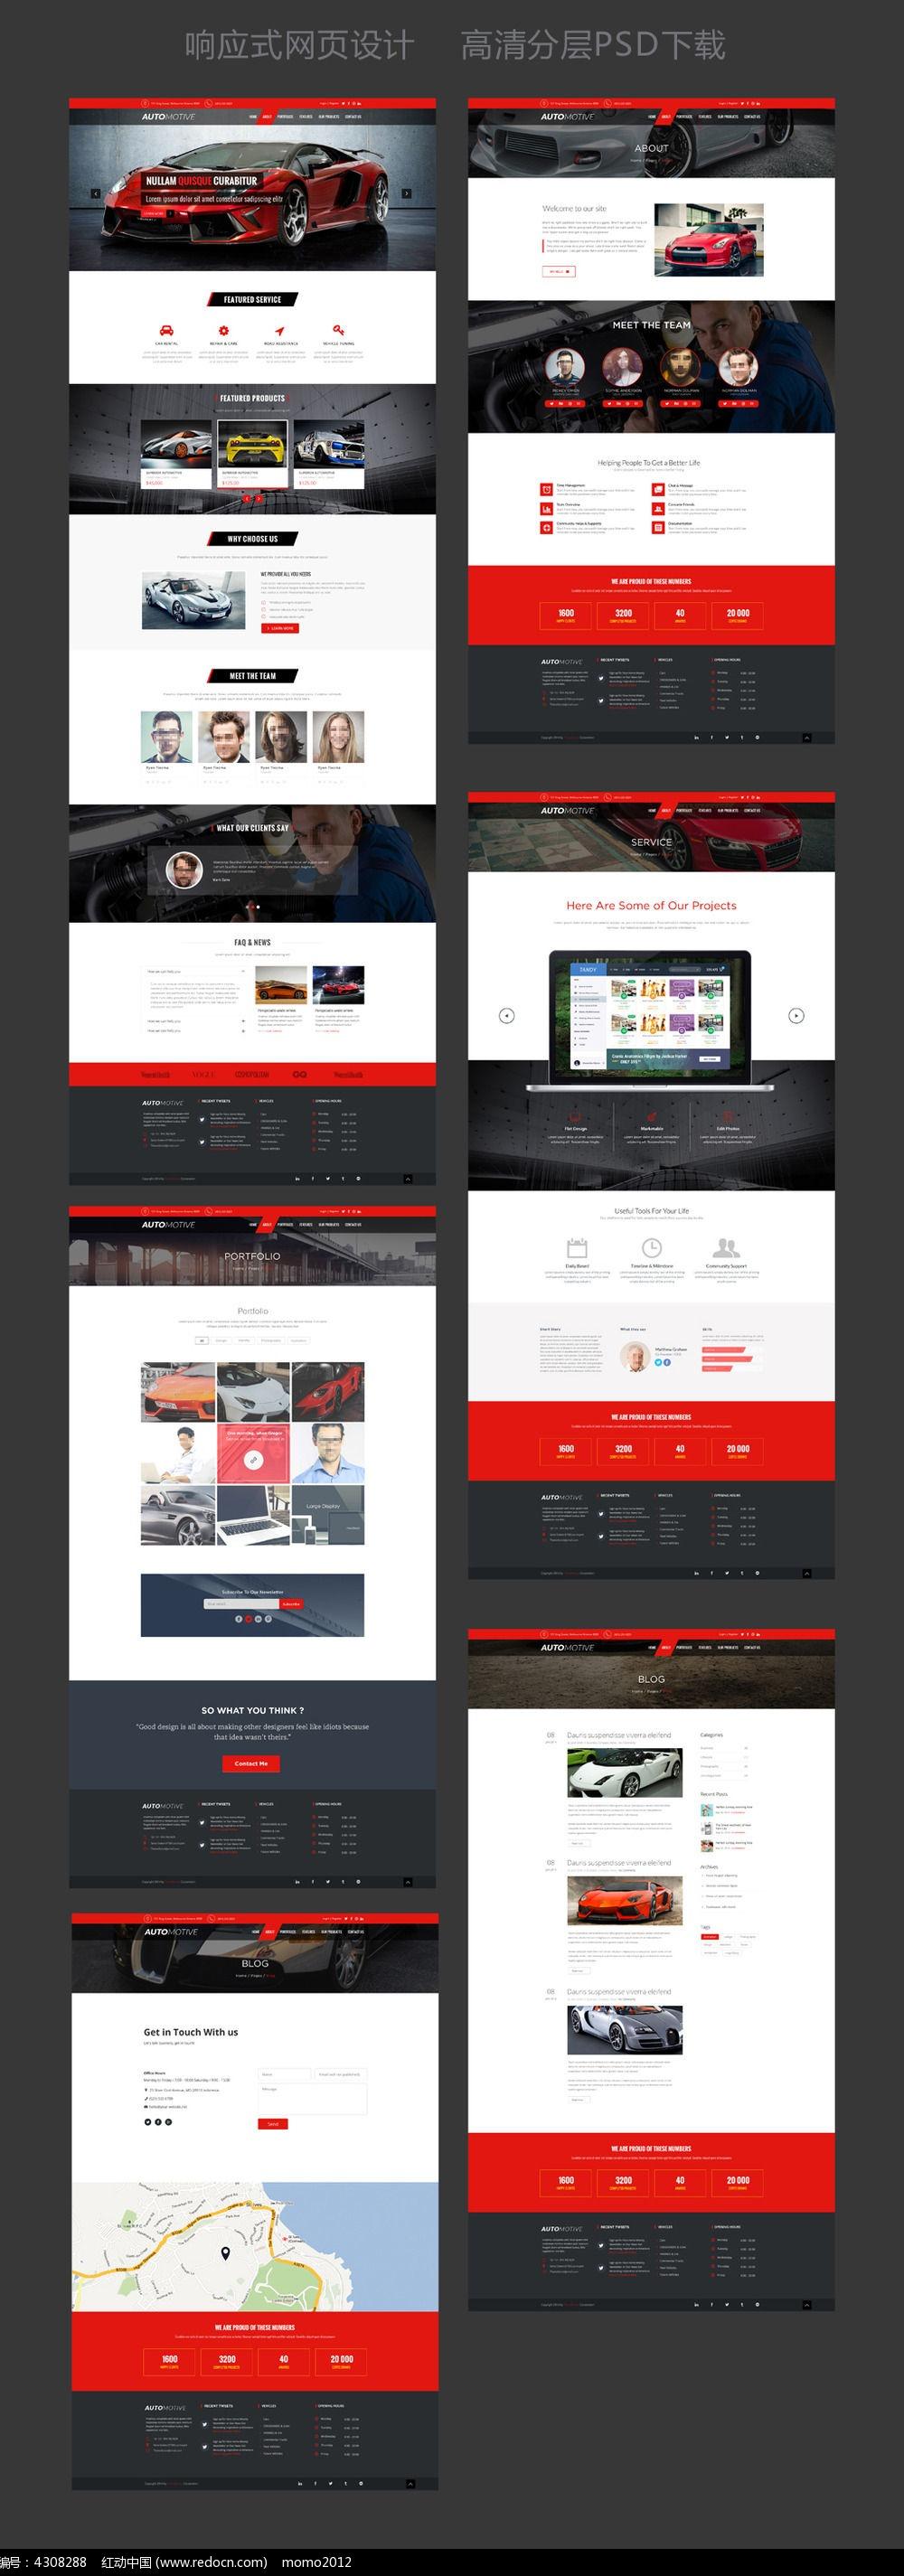 扁平化风格汽车网站网页设计图片